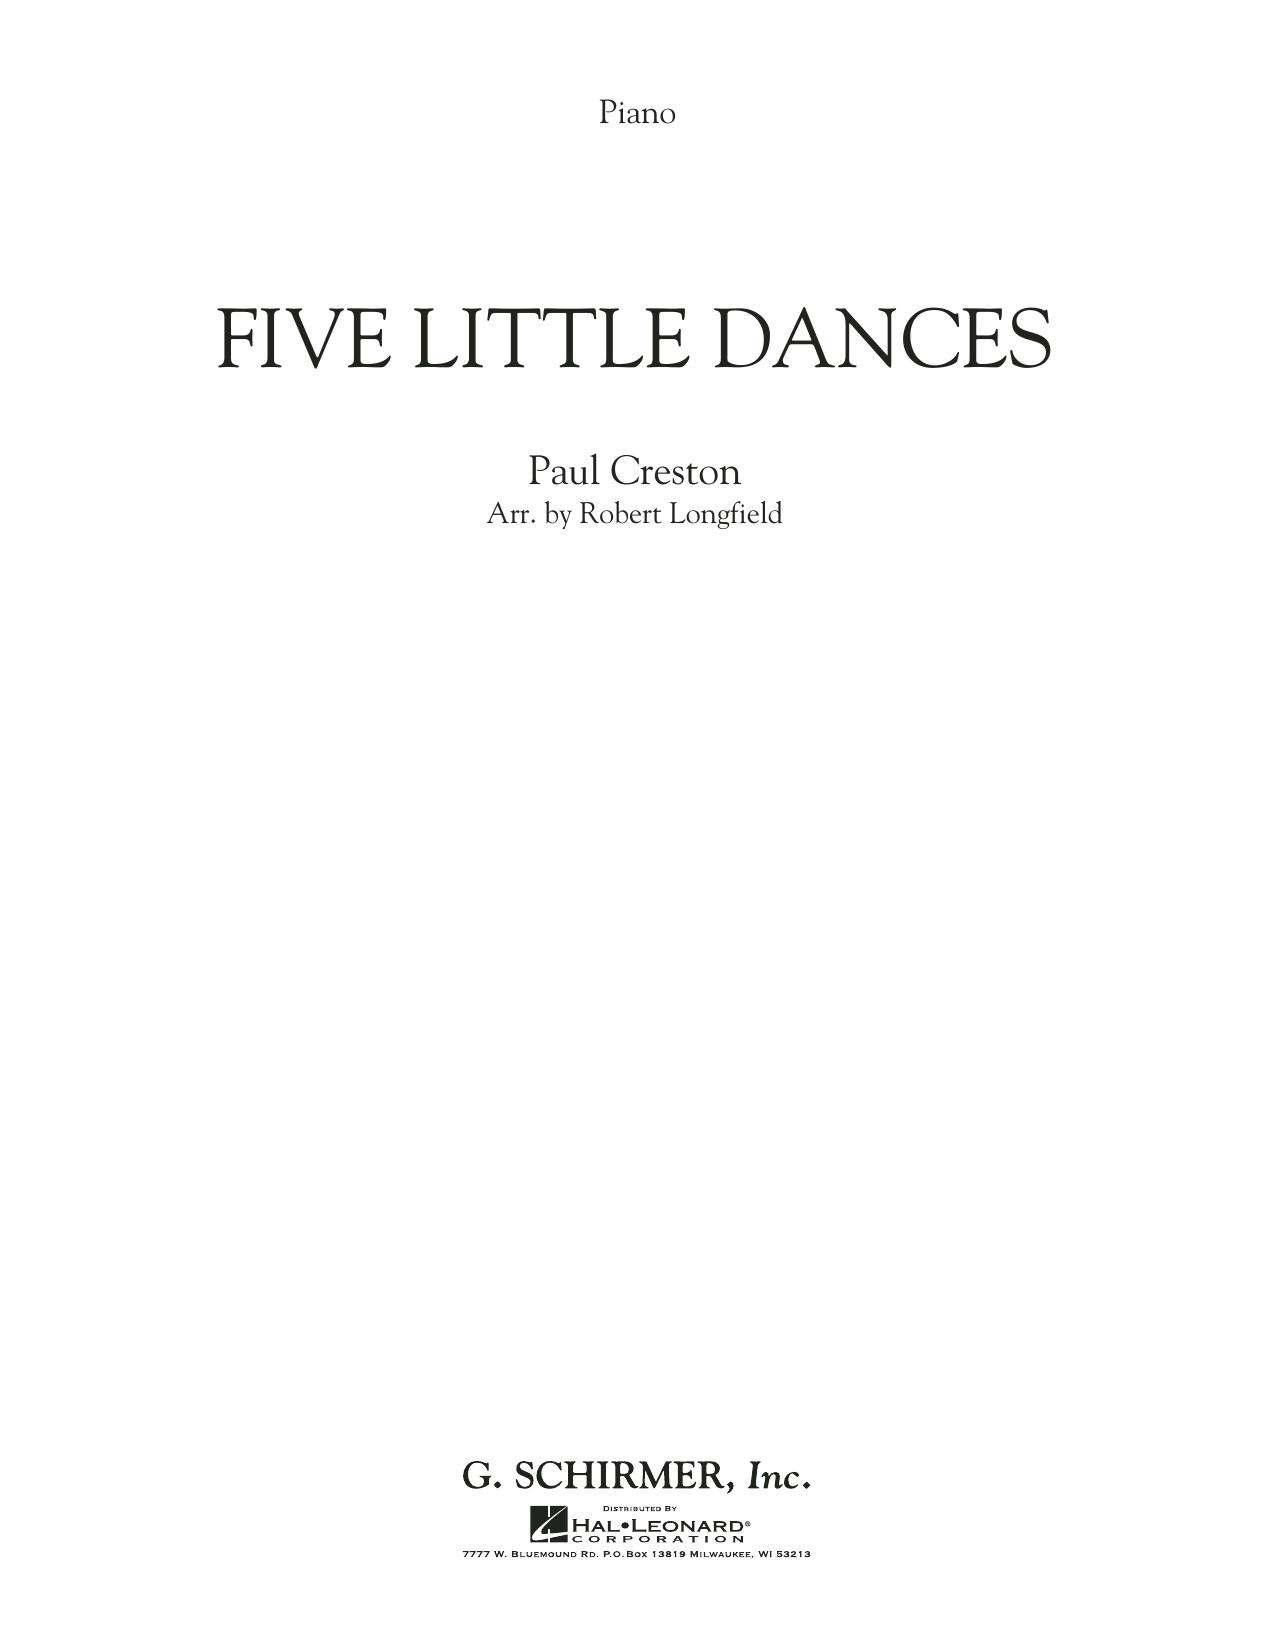 Five Little Dances (arr. Paul Longfield) - Piano (Orchestra)